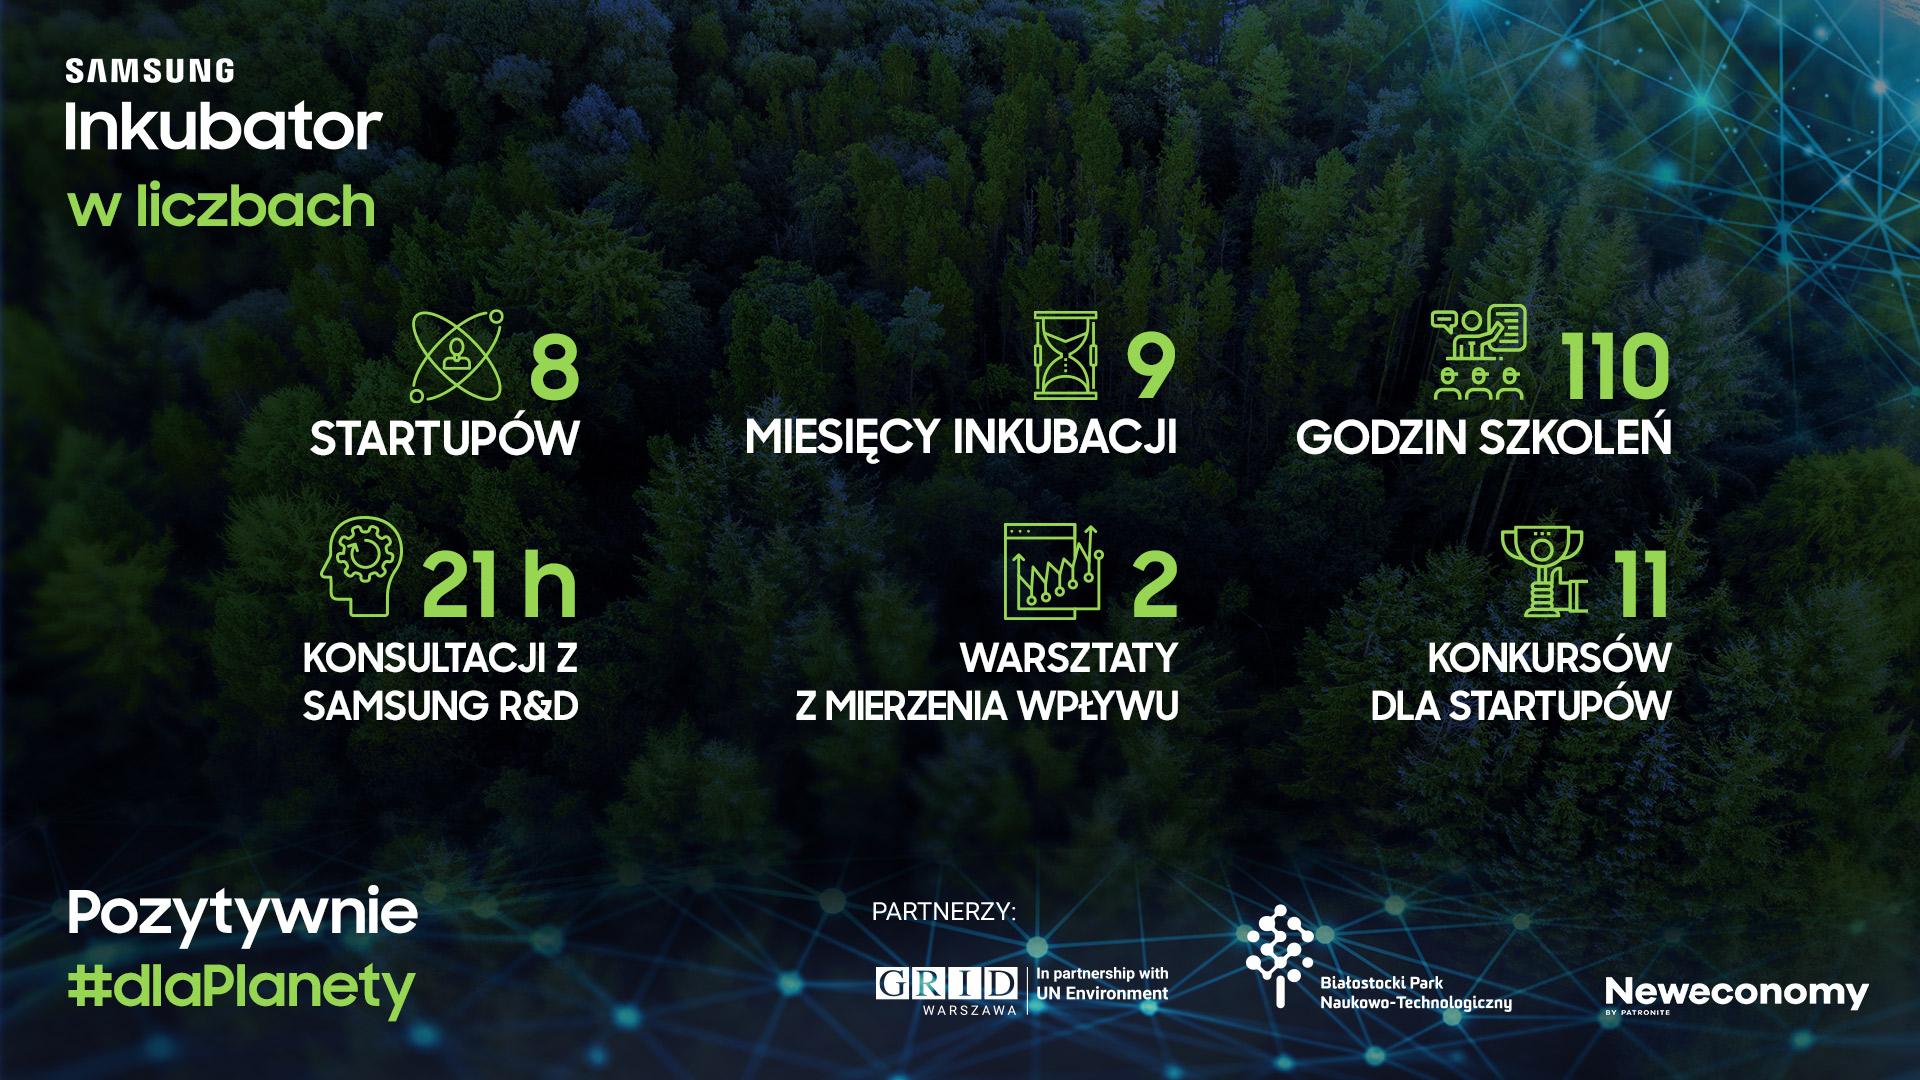 Polskie startupy wiedzą jak pomóc światu! eko Samsung Inkubator